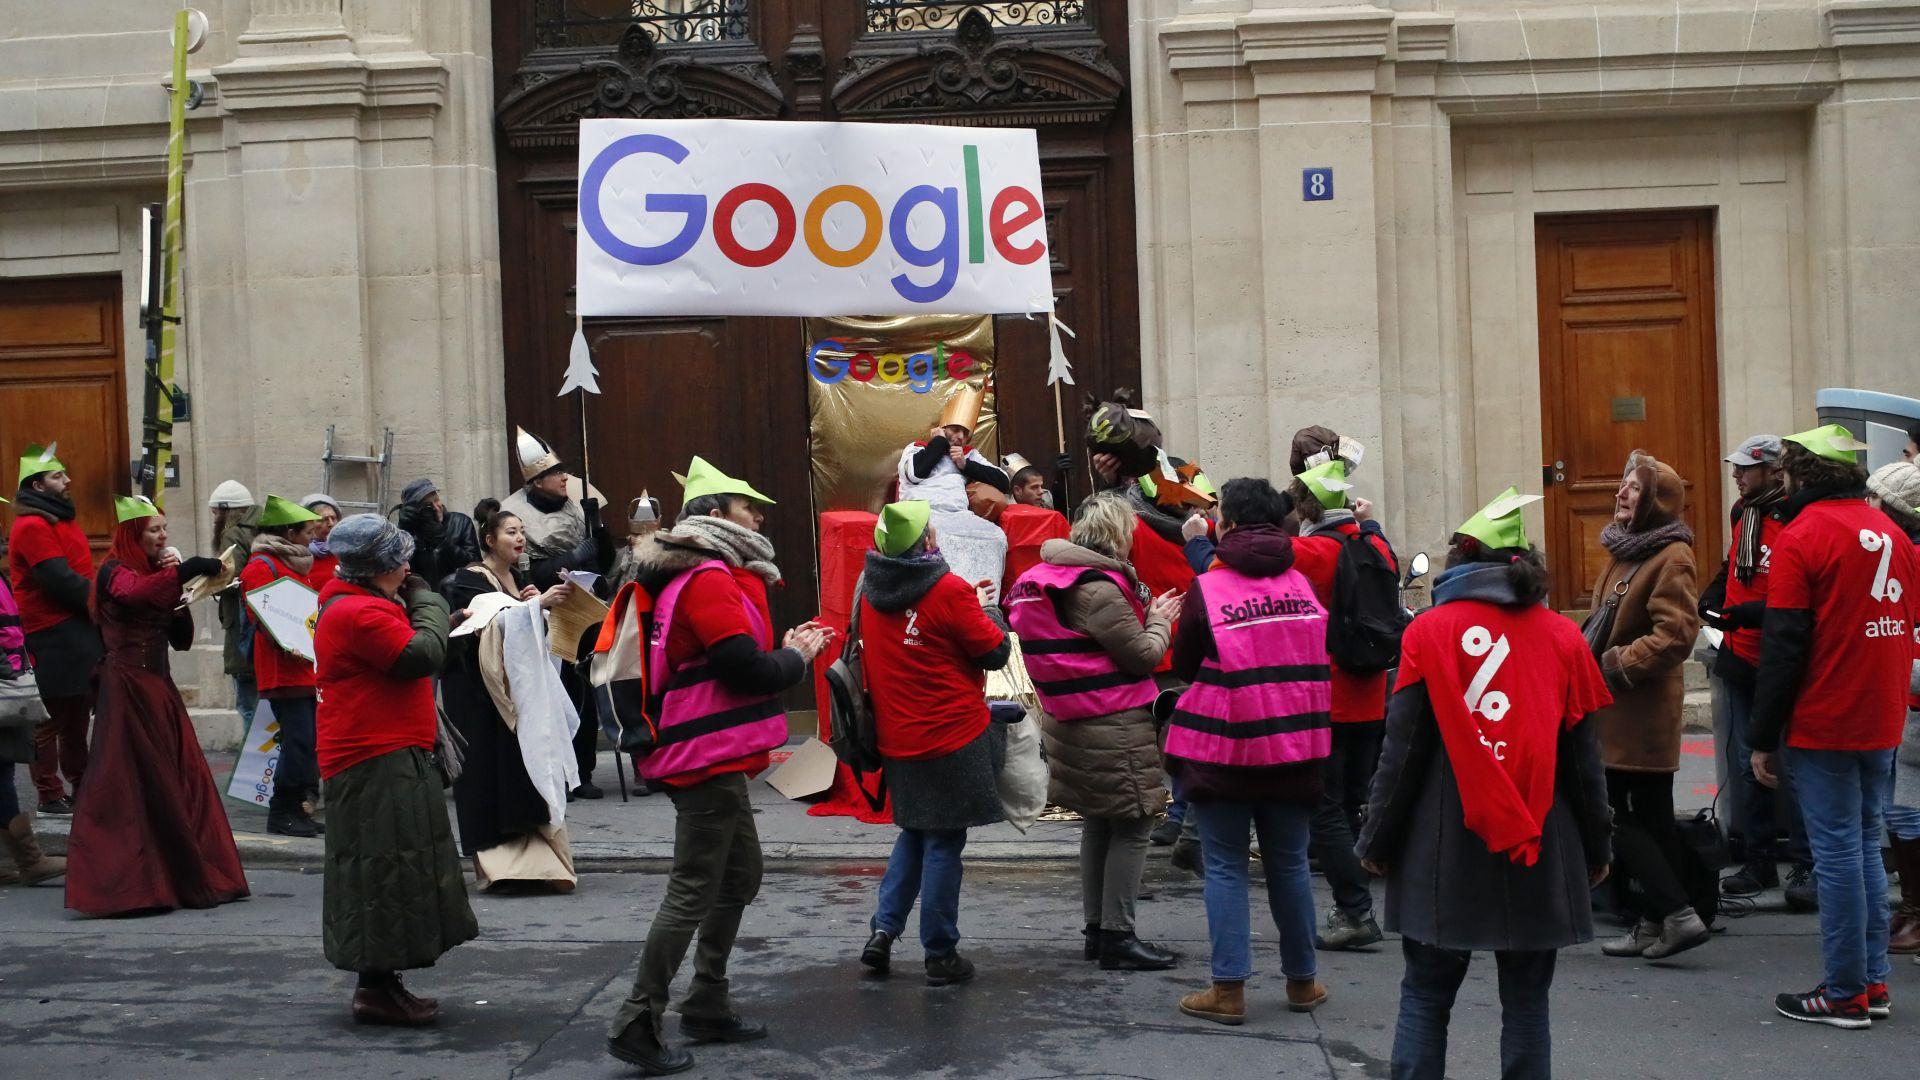 Антиглобалисти протестираха в Париж срещу данъчната политика на Гугъл